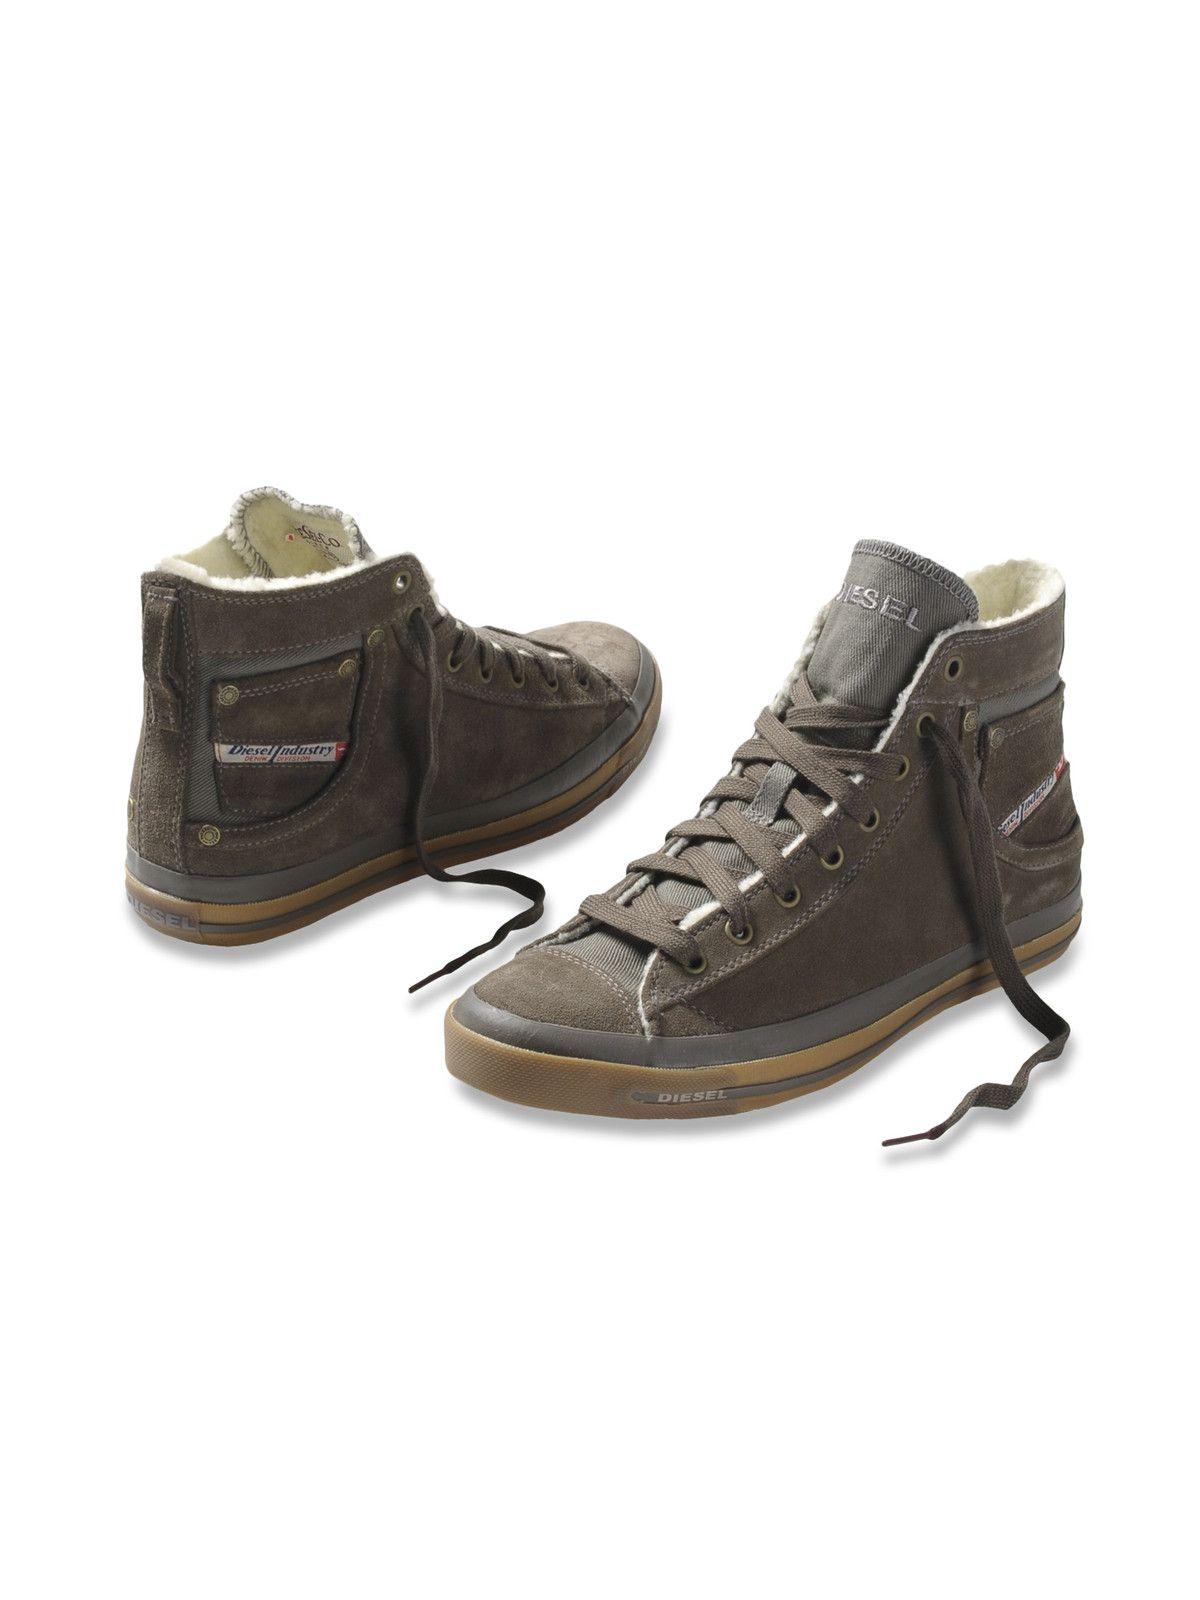 in stock 09ecf 3fb6d Diesel EXPOSURE I Casual shoe - Diesel Official Online Store ...